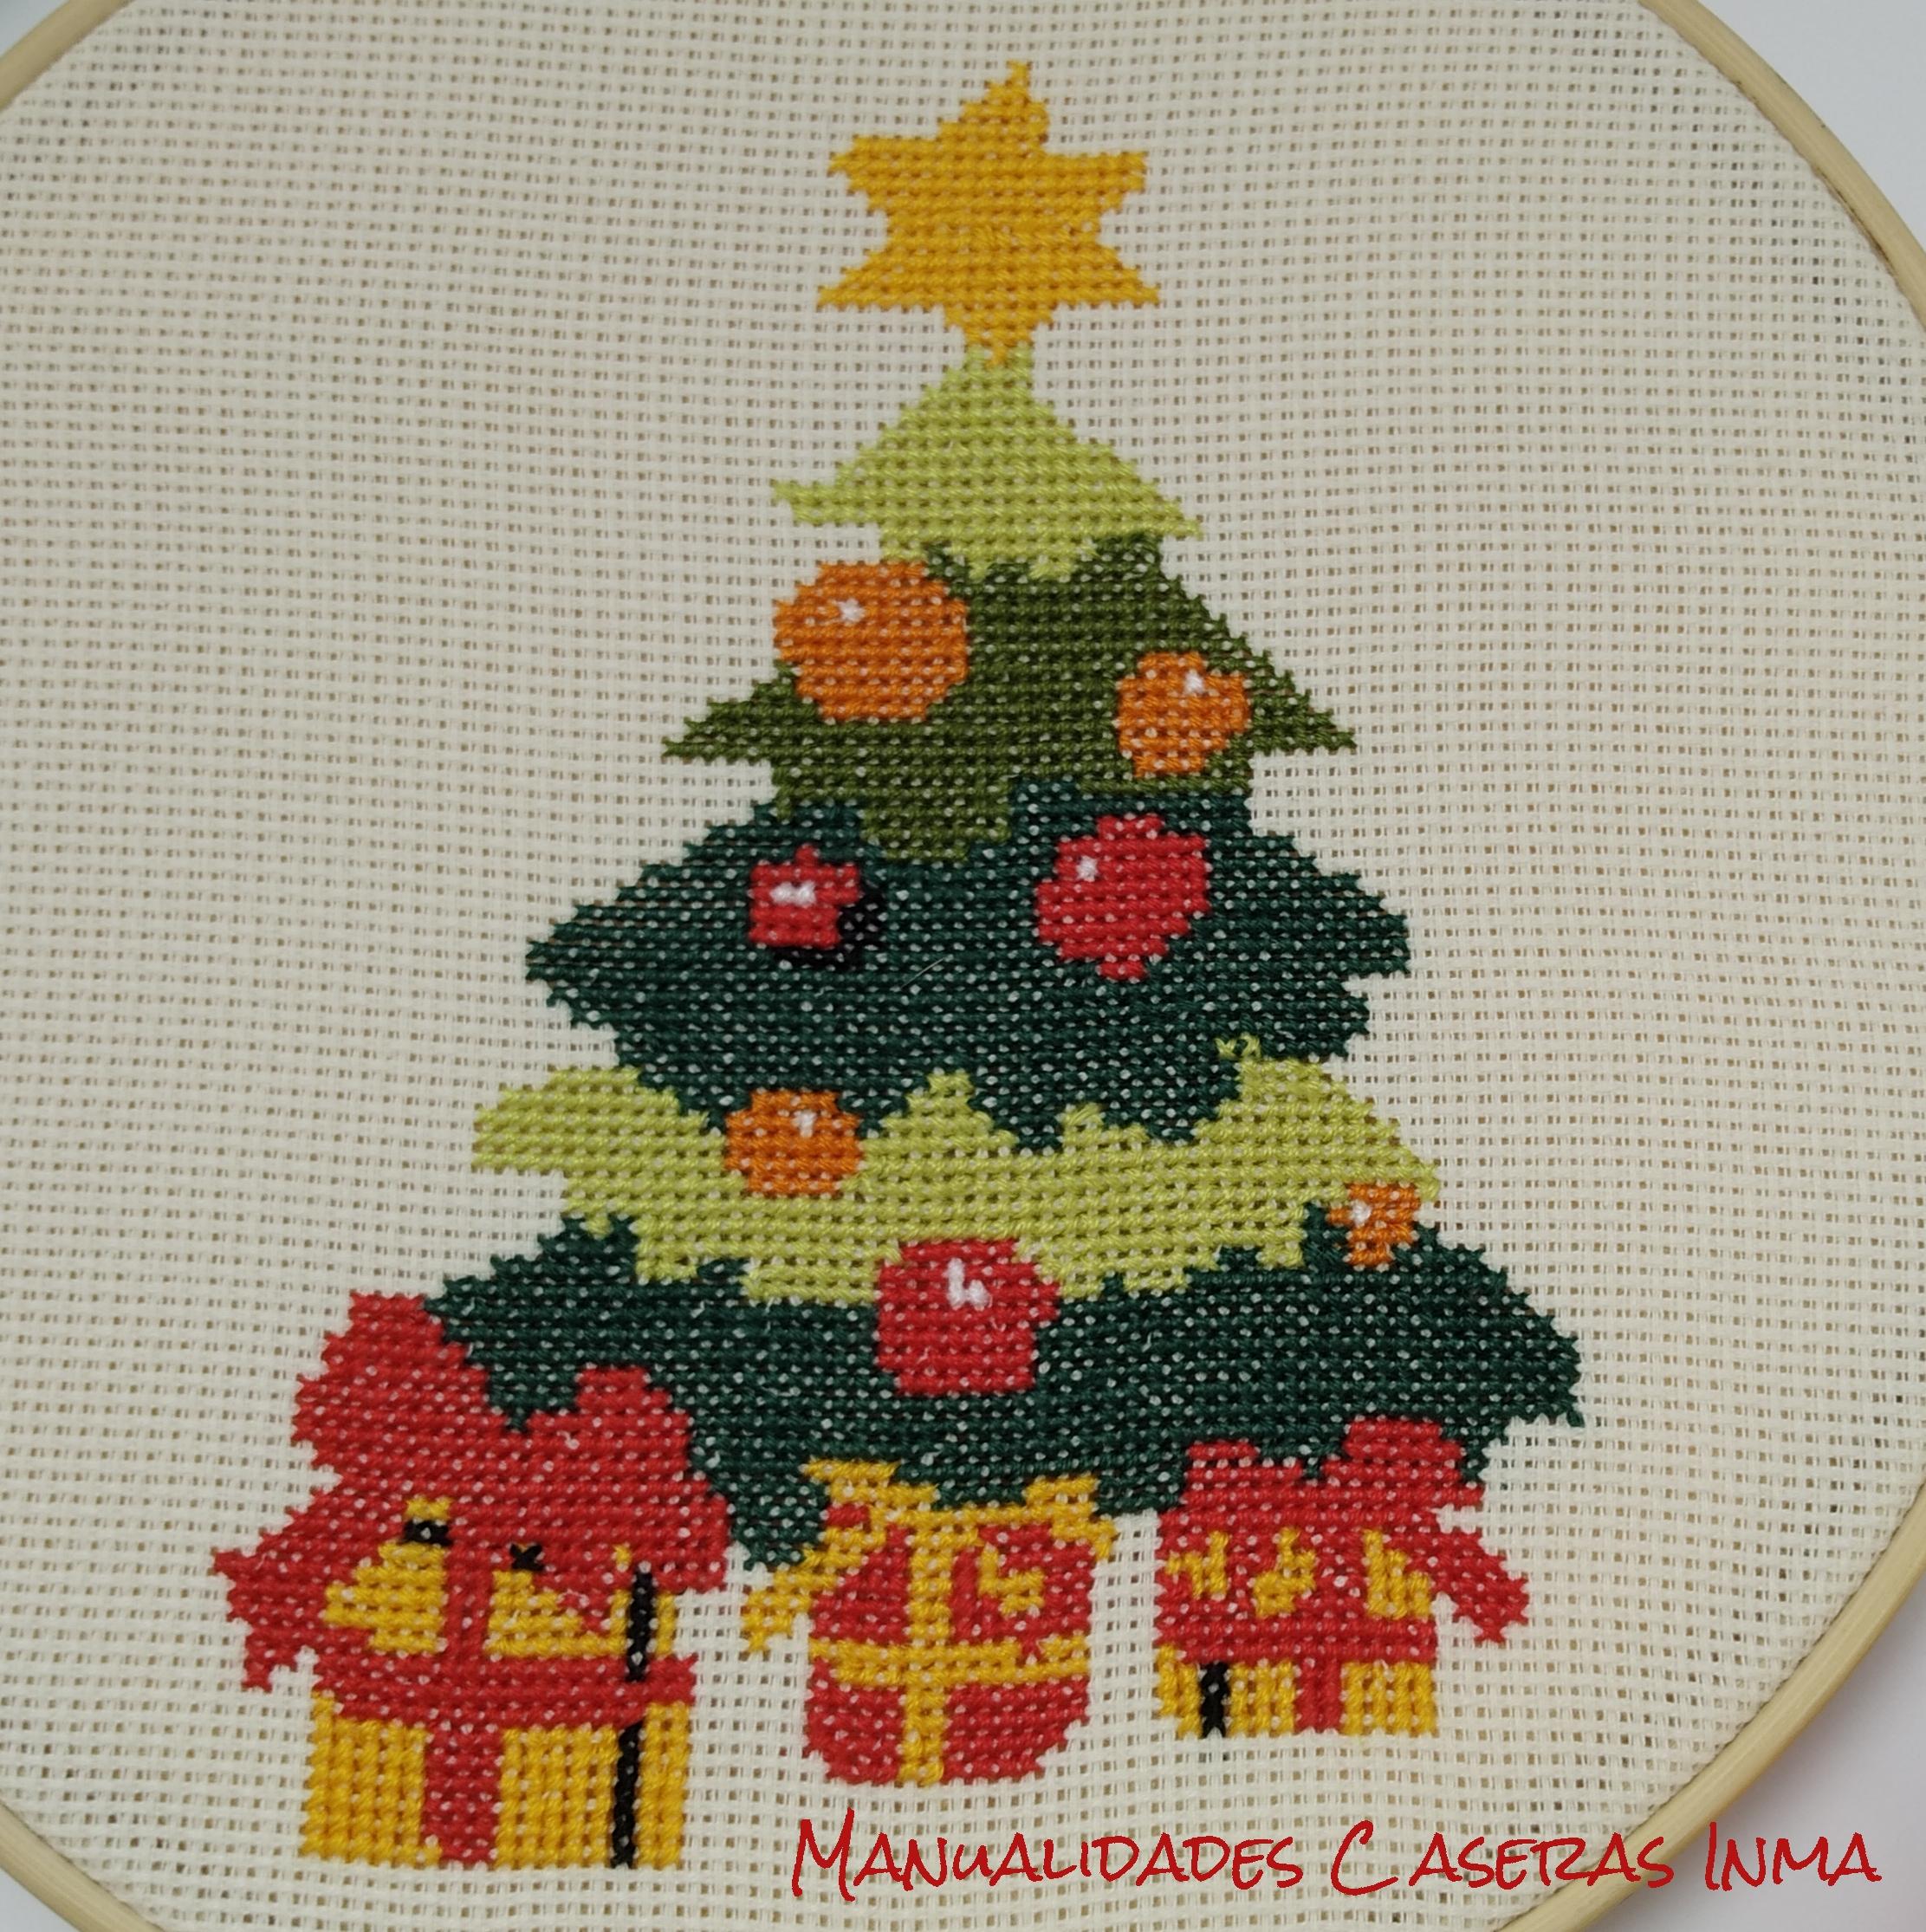 Manualidades Caseras Inma_ Bastidor navidad de arbol de navidad detalle del bordado